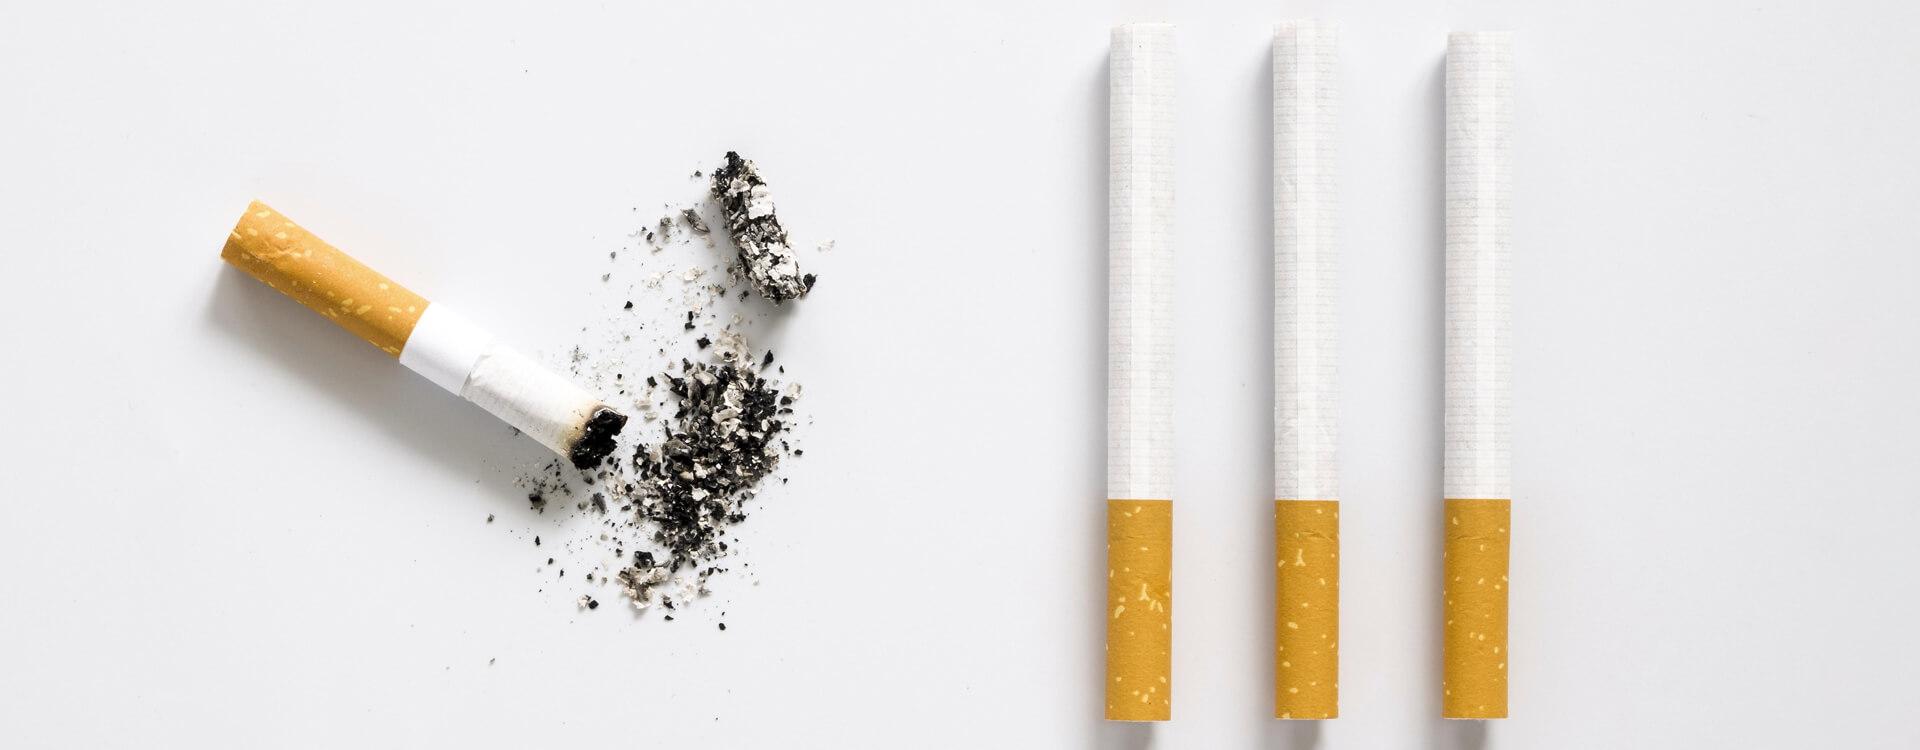 Cigarety - vyfajčený nedopalok cigarety a popol, cigarety rozložené na bielom pozadí